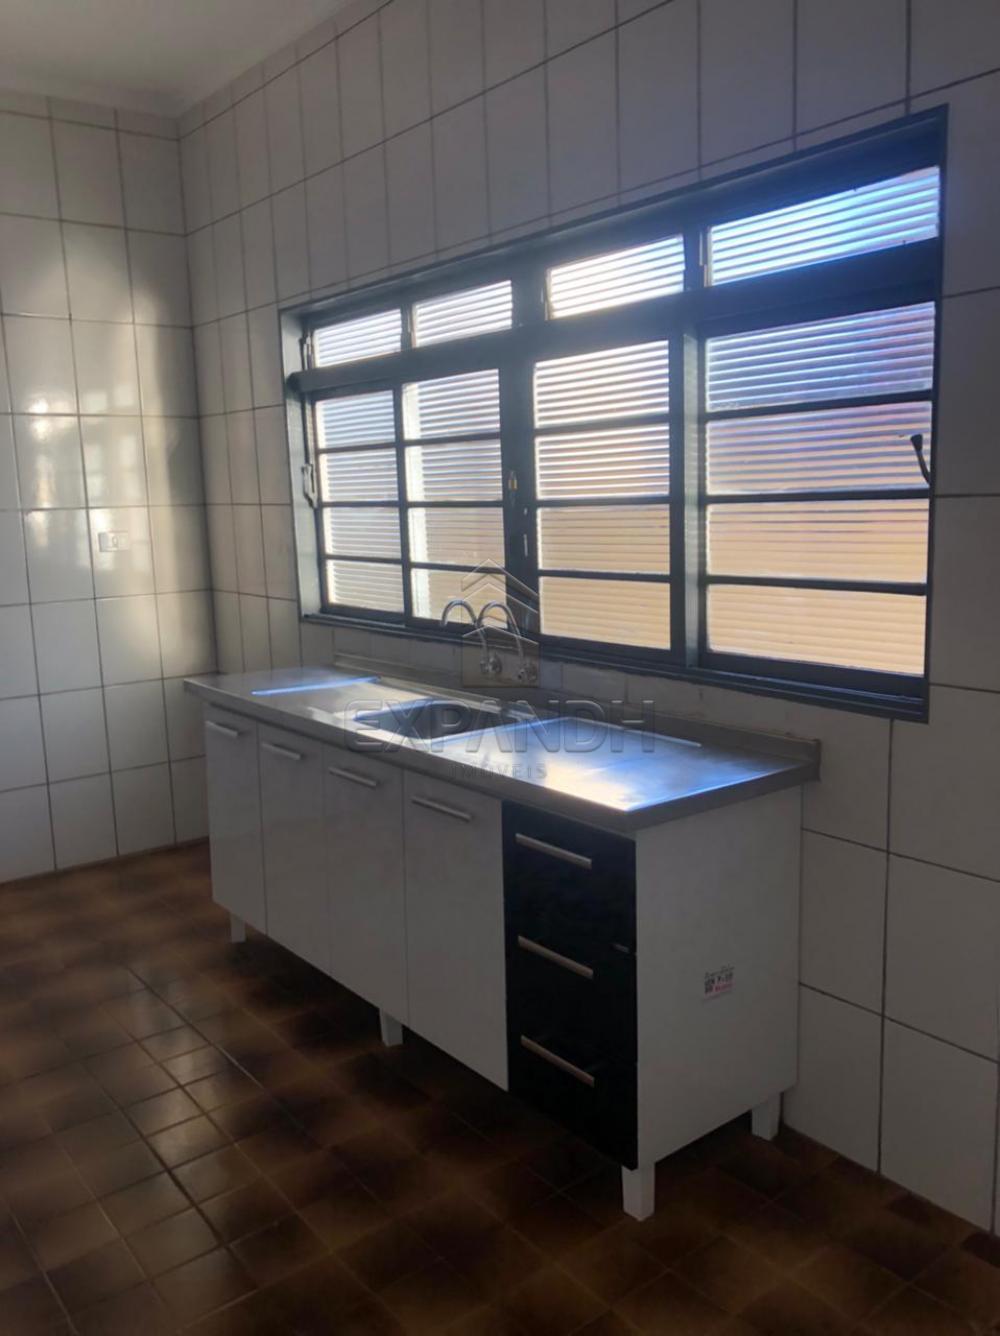 Alugar Casas / Padrão em Sertãozinho R$ 1.500,00 - Foto 24